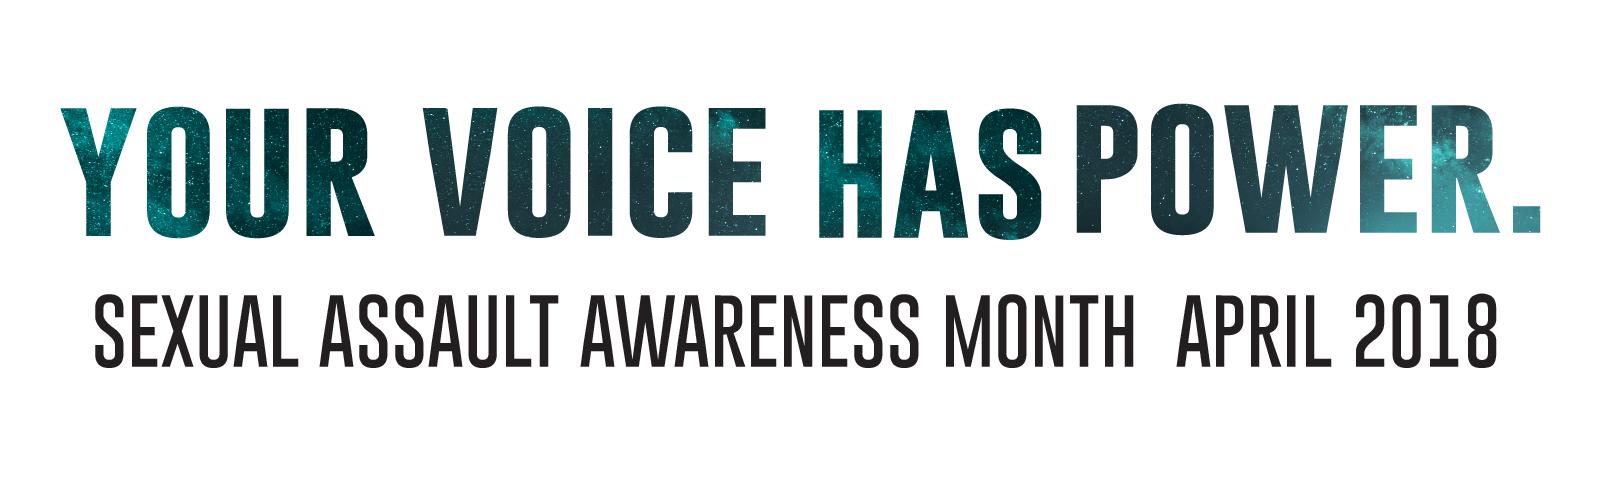 Sexual Assault Awareness Month 2018